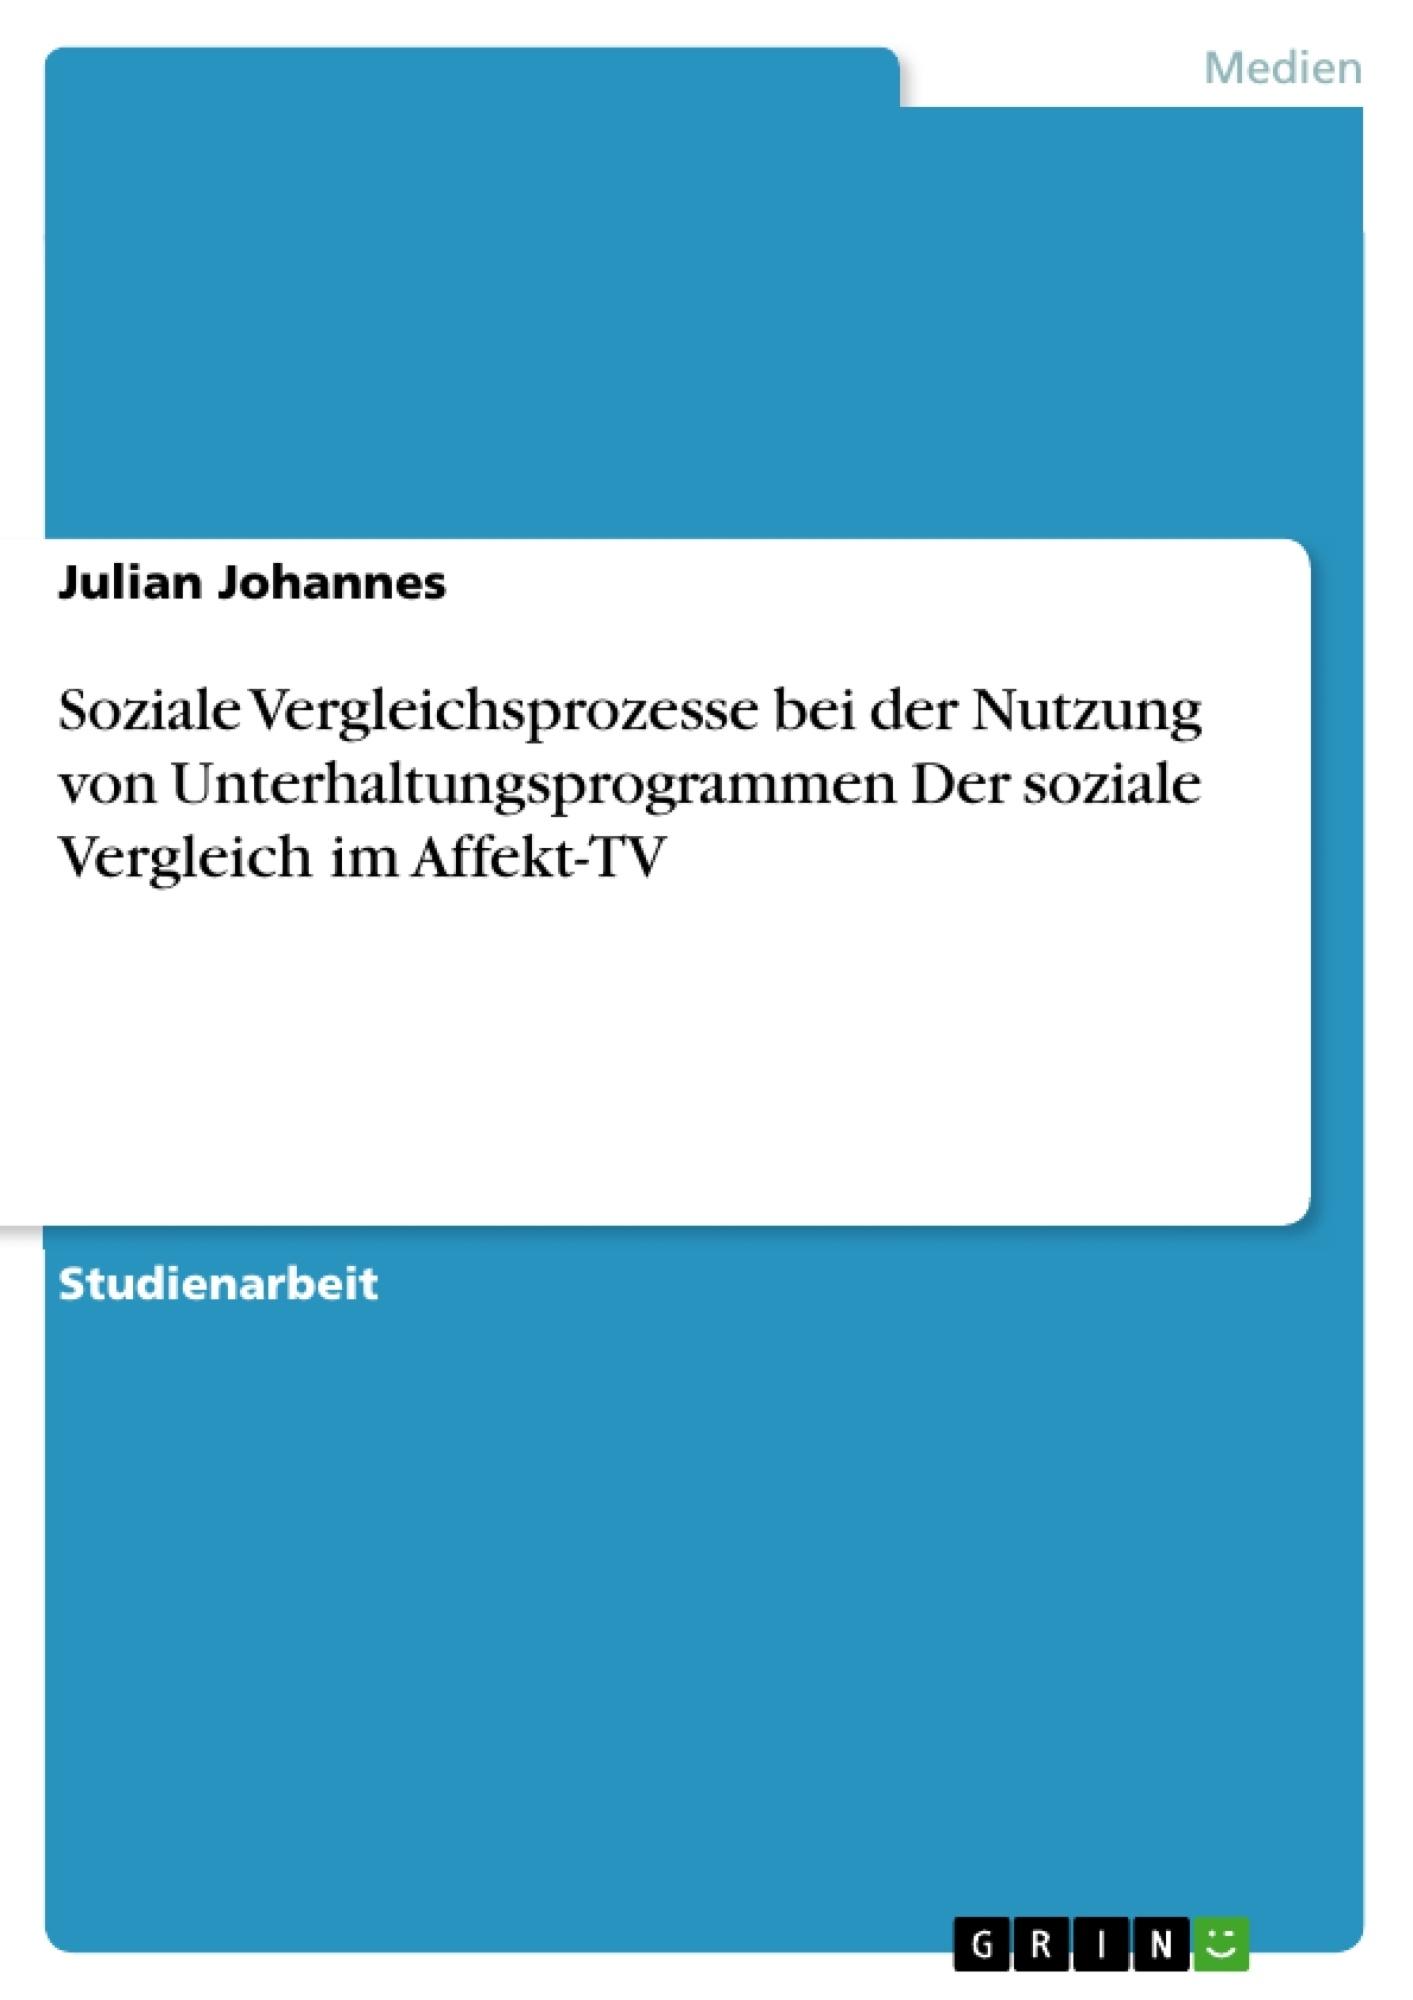 Titel: Soziale Vergleichsprozesse bei der Nutzung von Unterhaltungsprogrammen Der soziale Vergleich im Affekt-TV